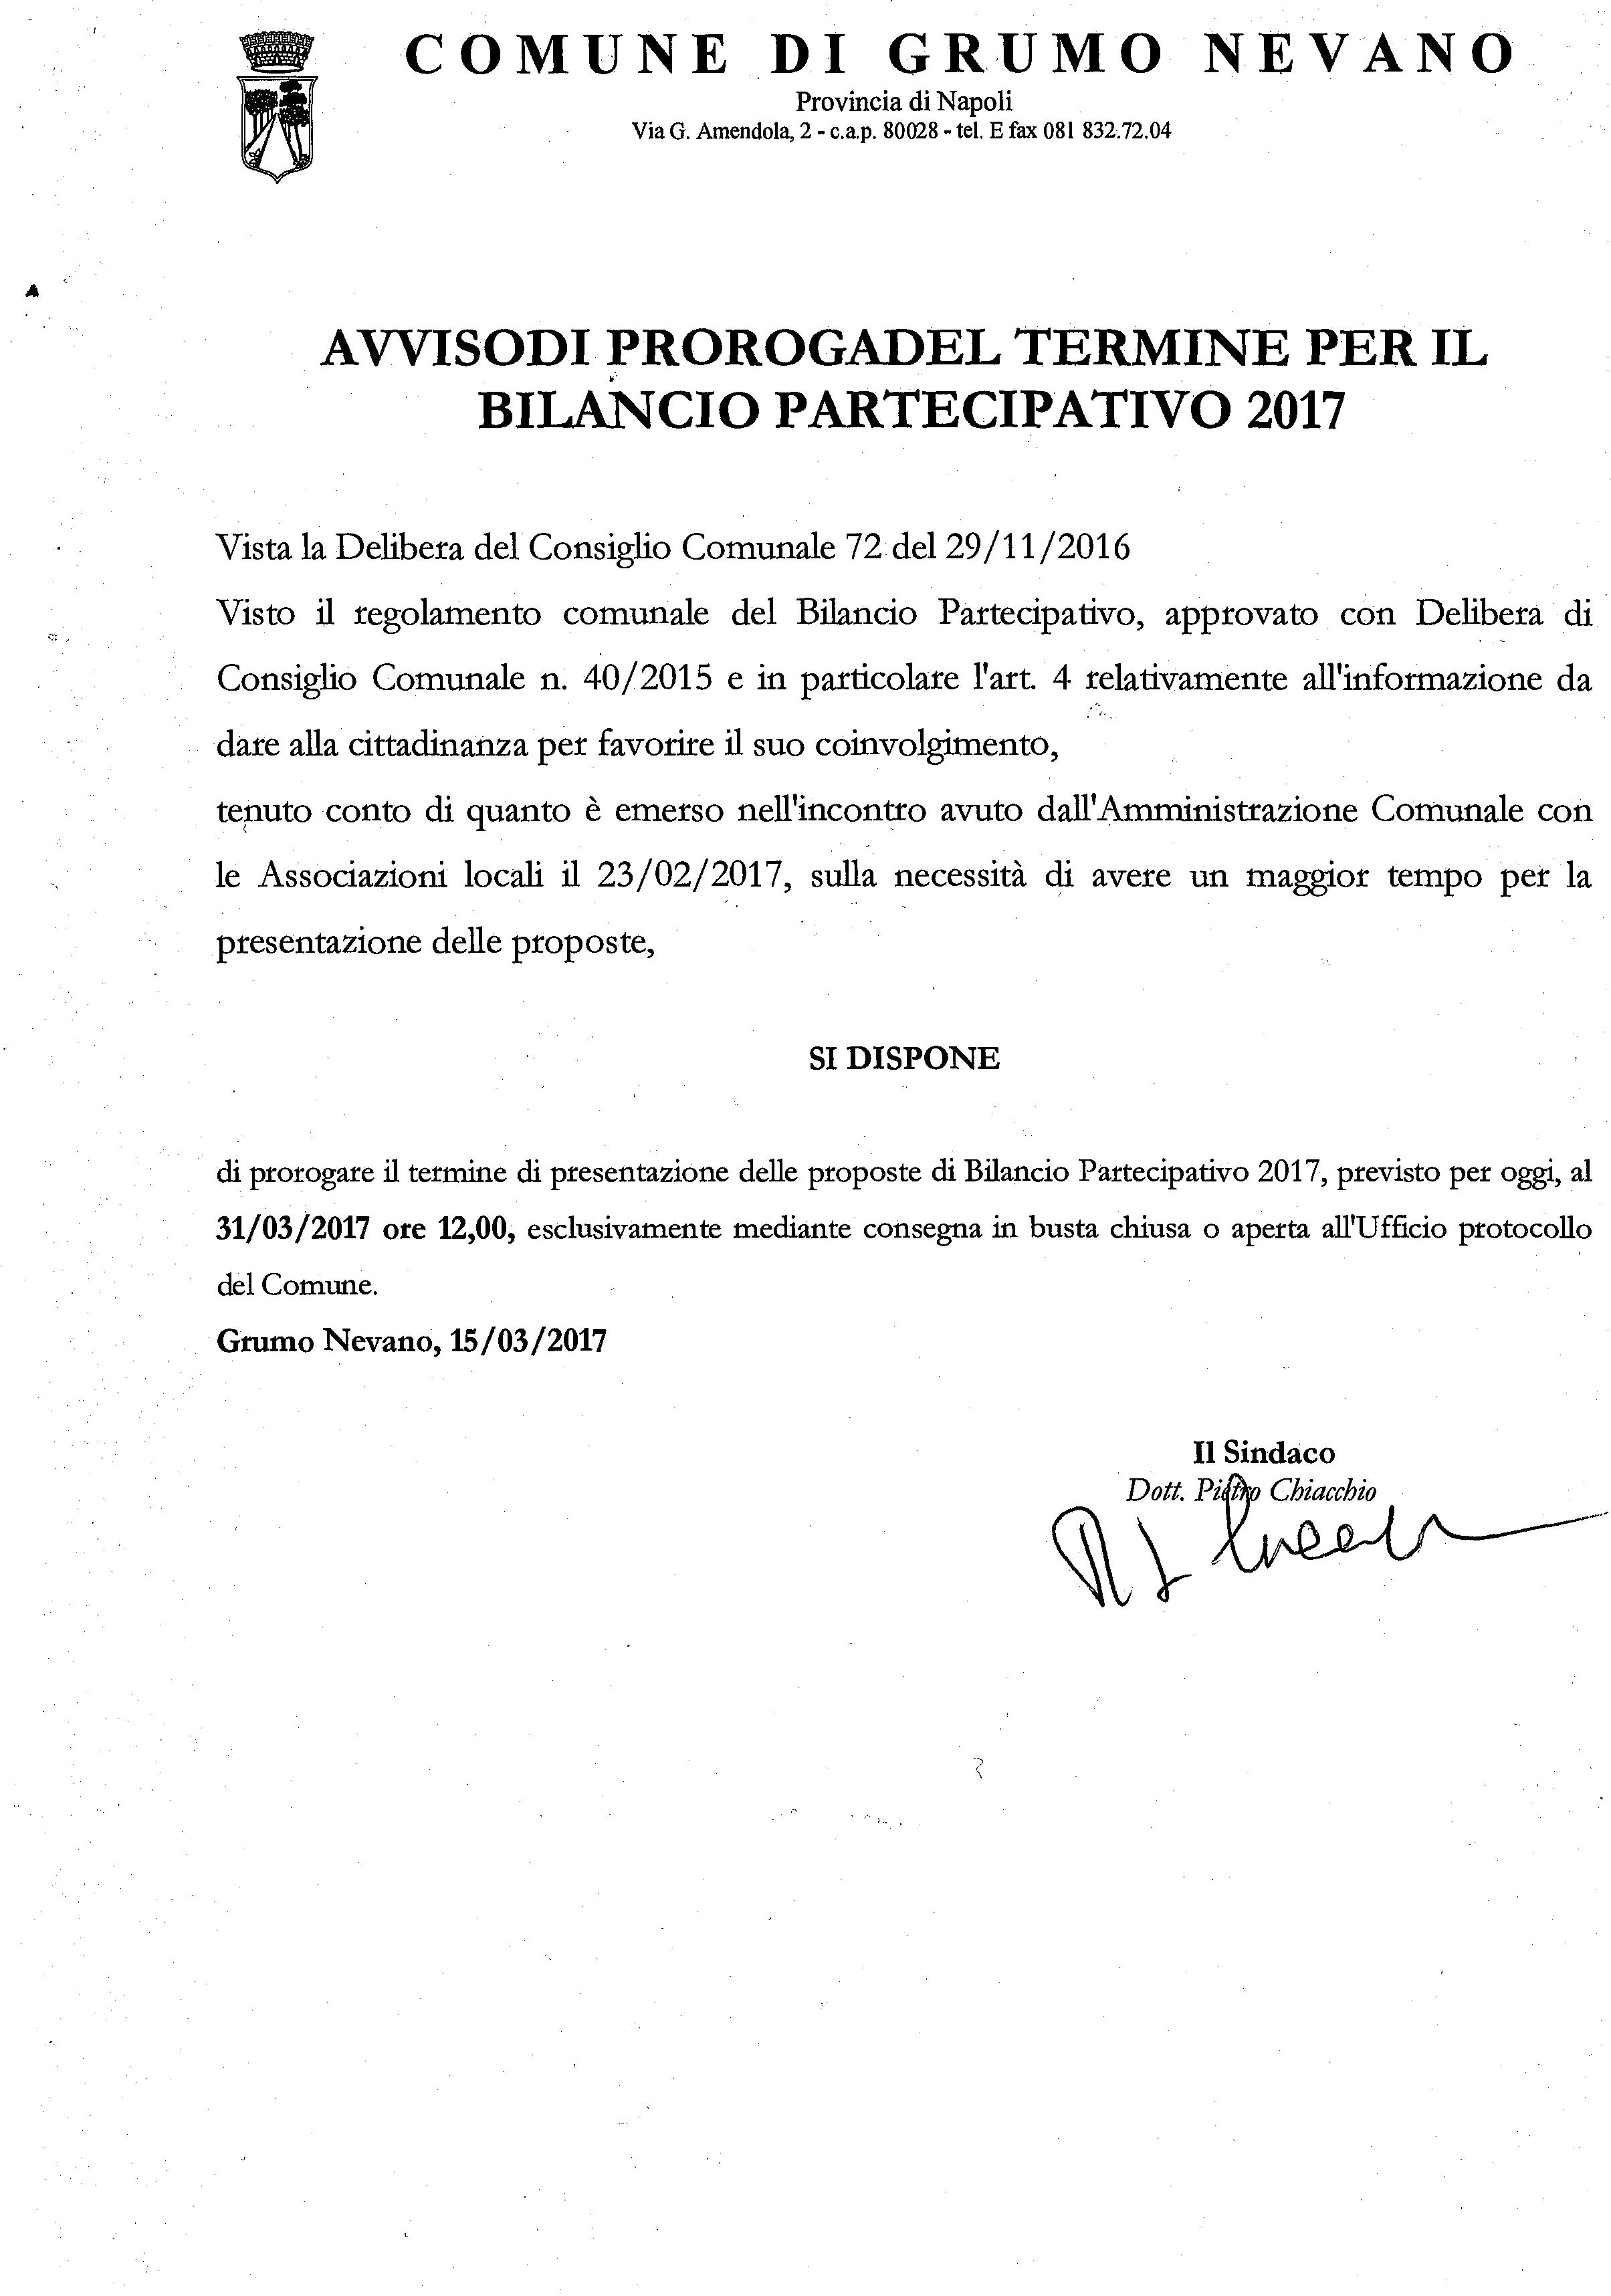 Proroga Bilancio Partecipativo anno 2017